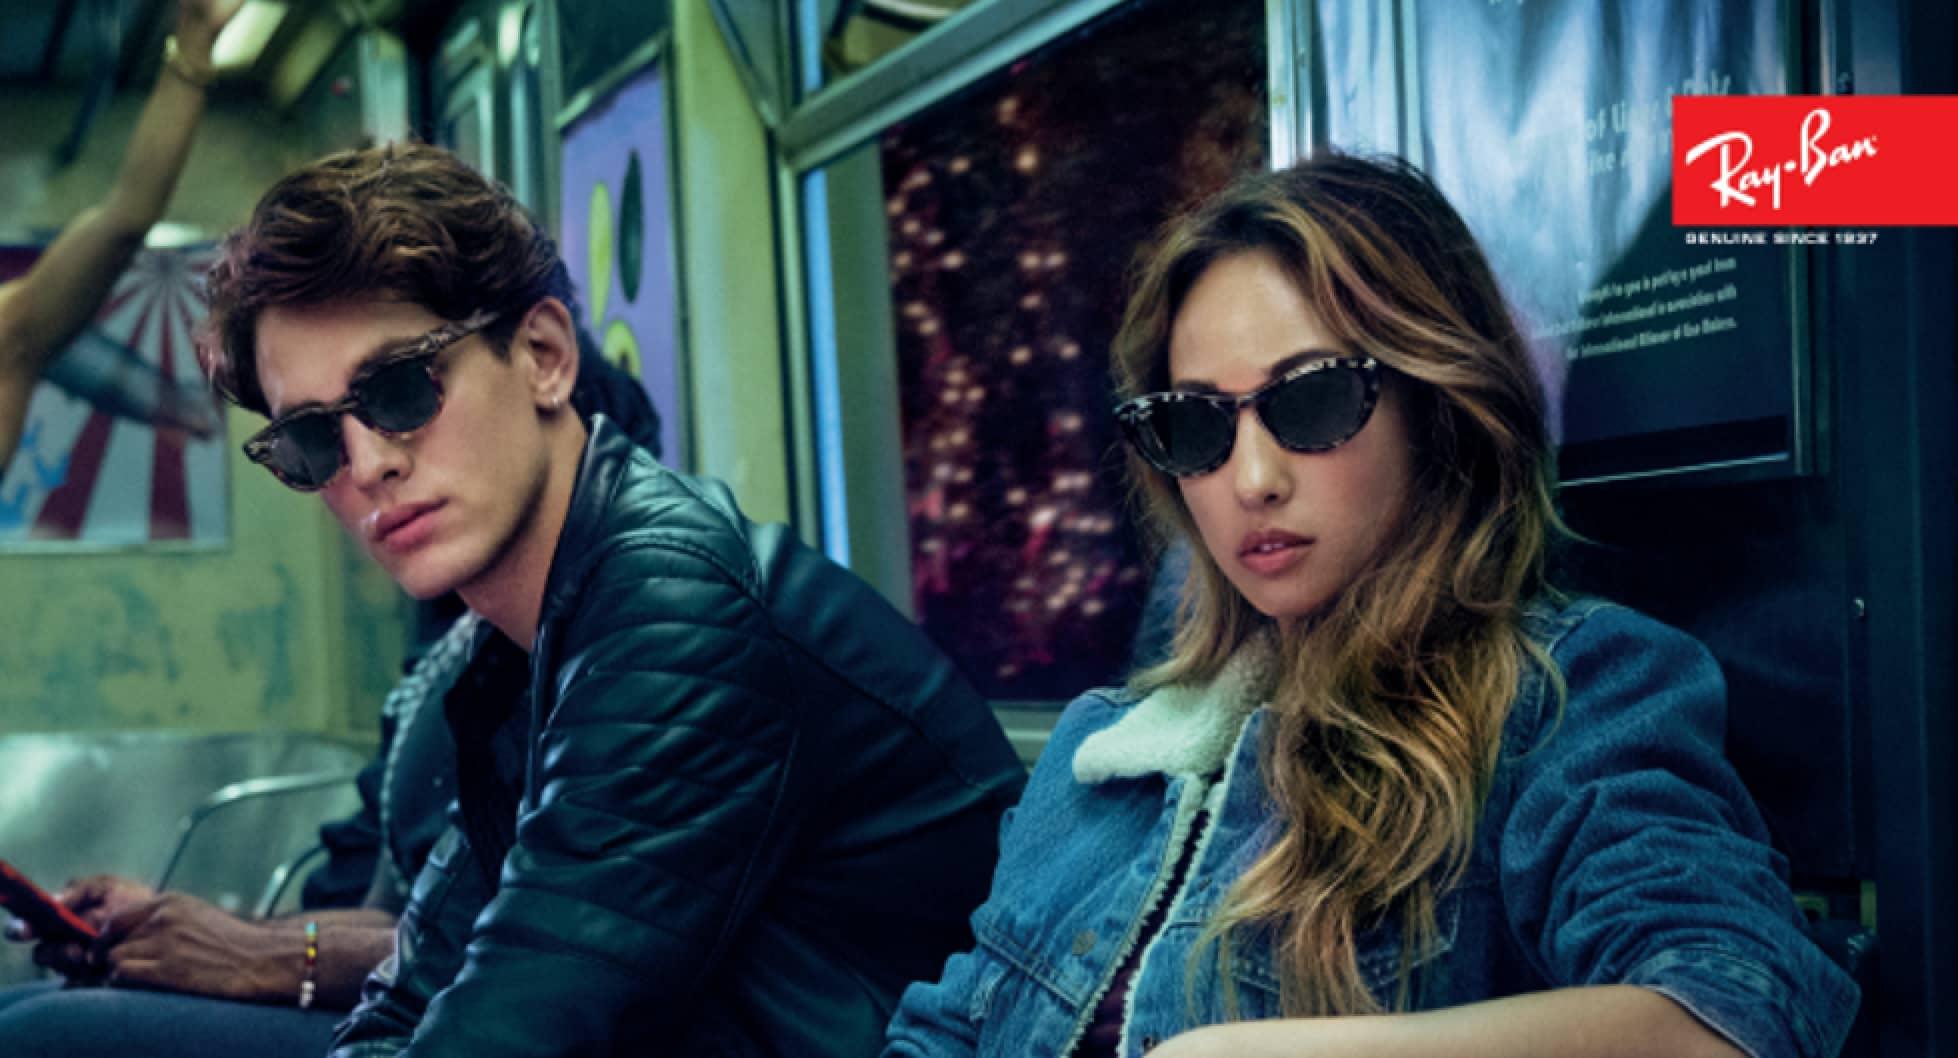 Man en vrouw dragen Ray-Ban zonnebrillen